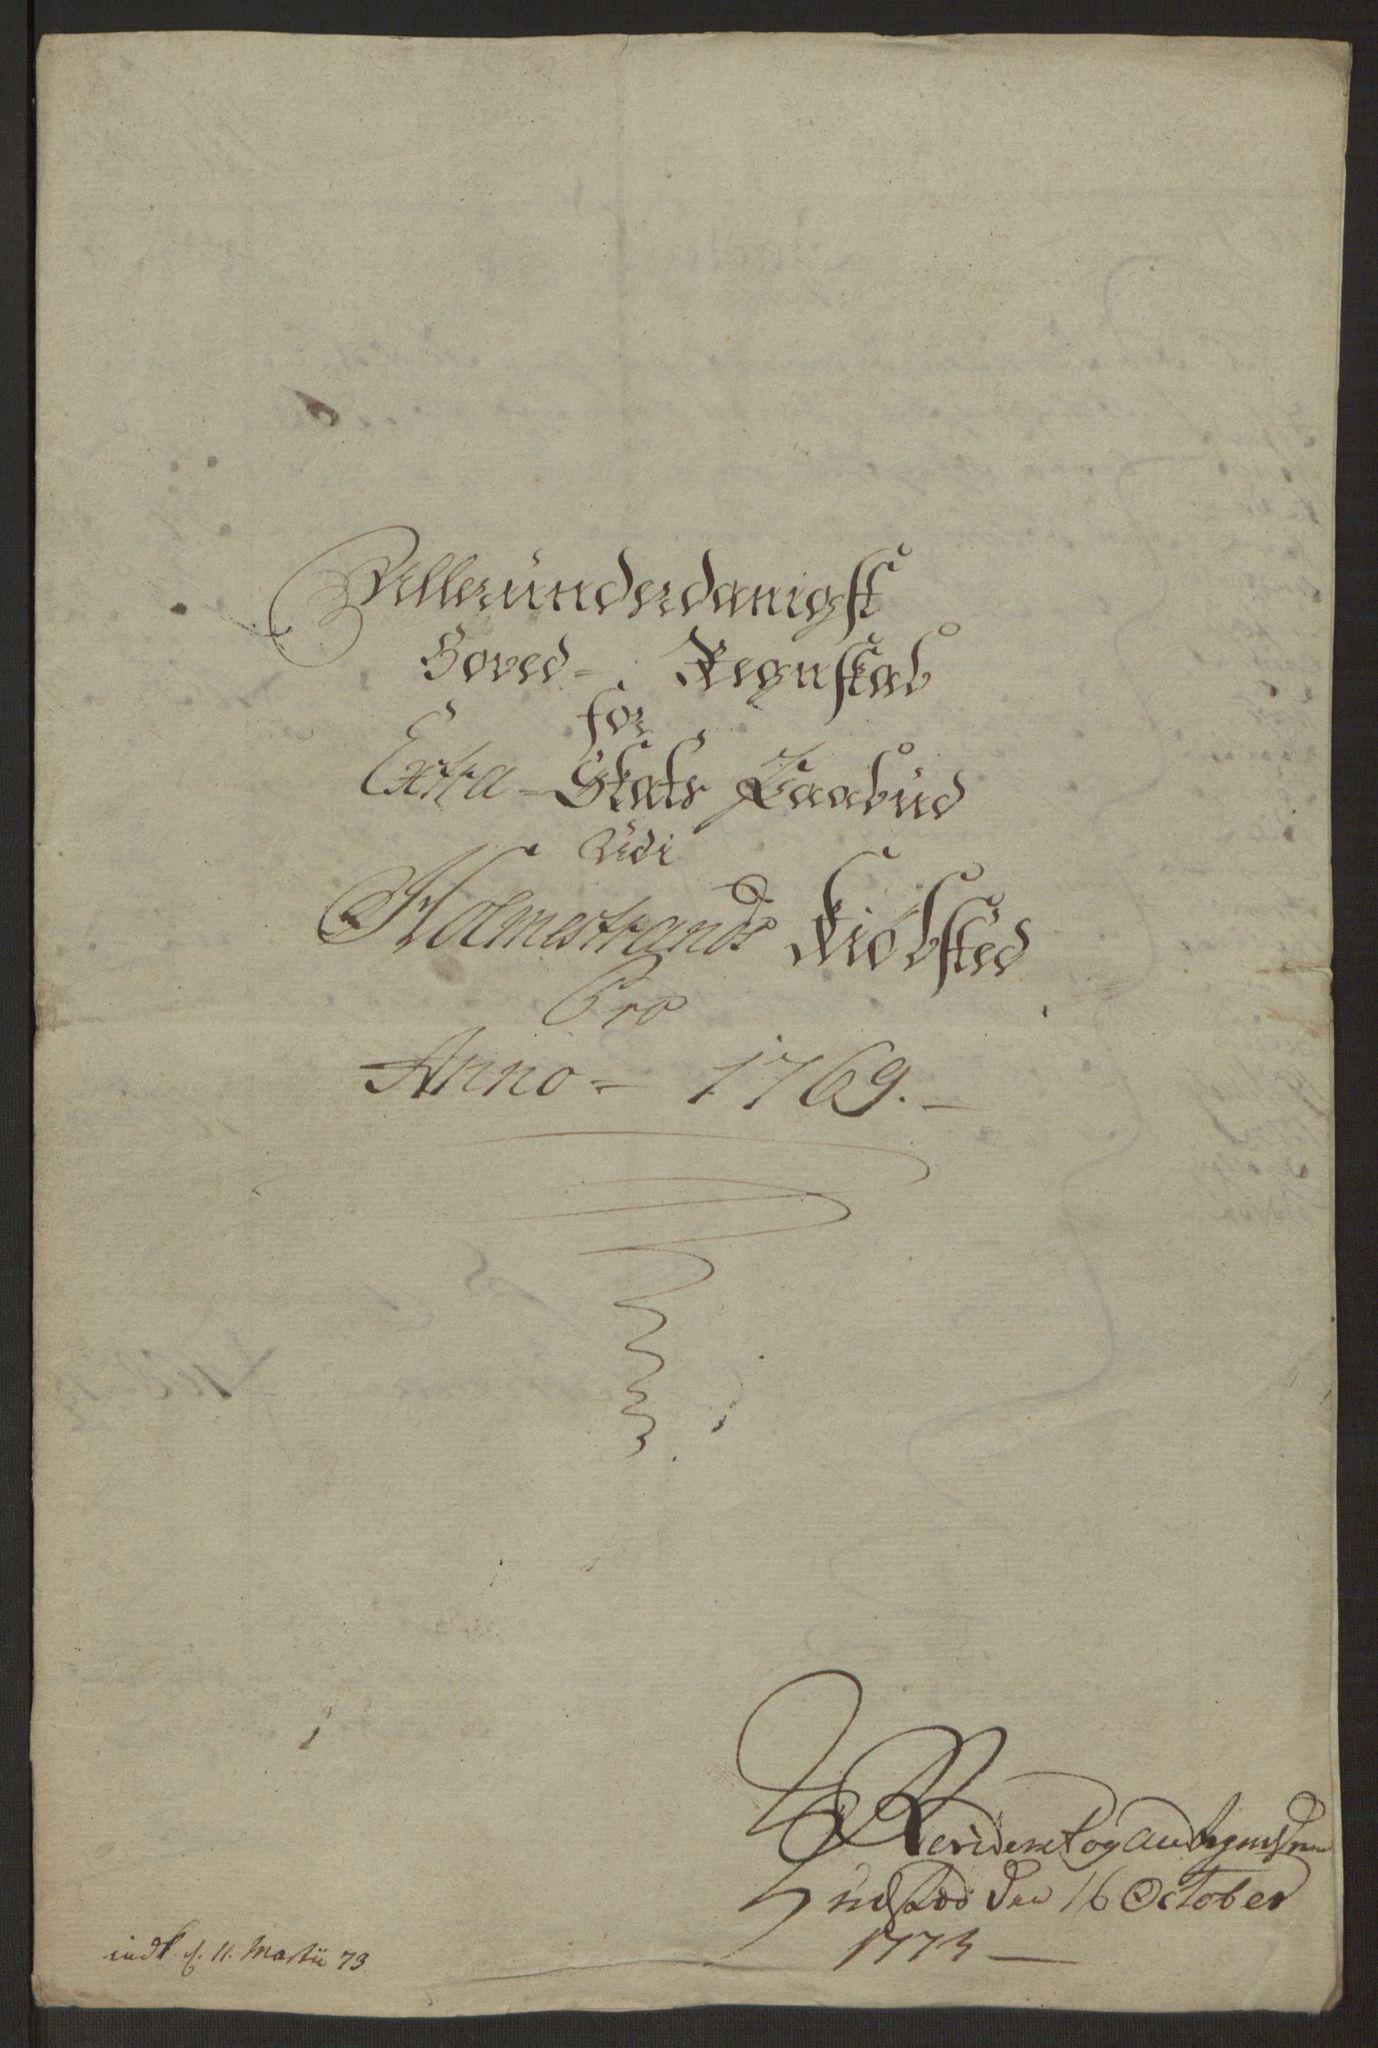 RA, Rentekammeret inntil 1814, Reviderte regnskaper, Byregnskaper, R/Rh/L0163: [H4] Kontribusjonsregnskap, 1762-1772, s. 397